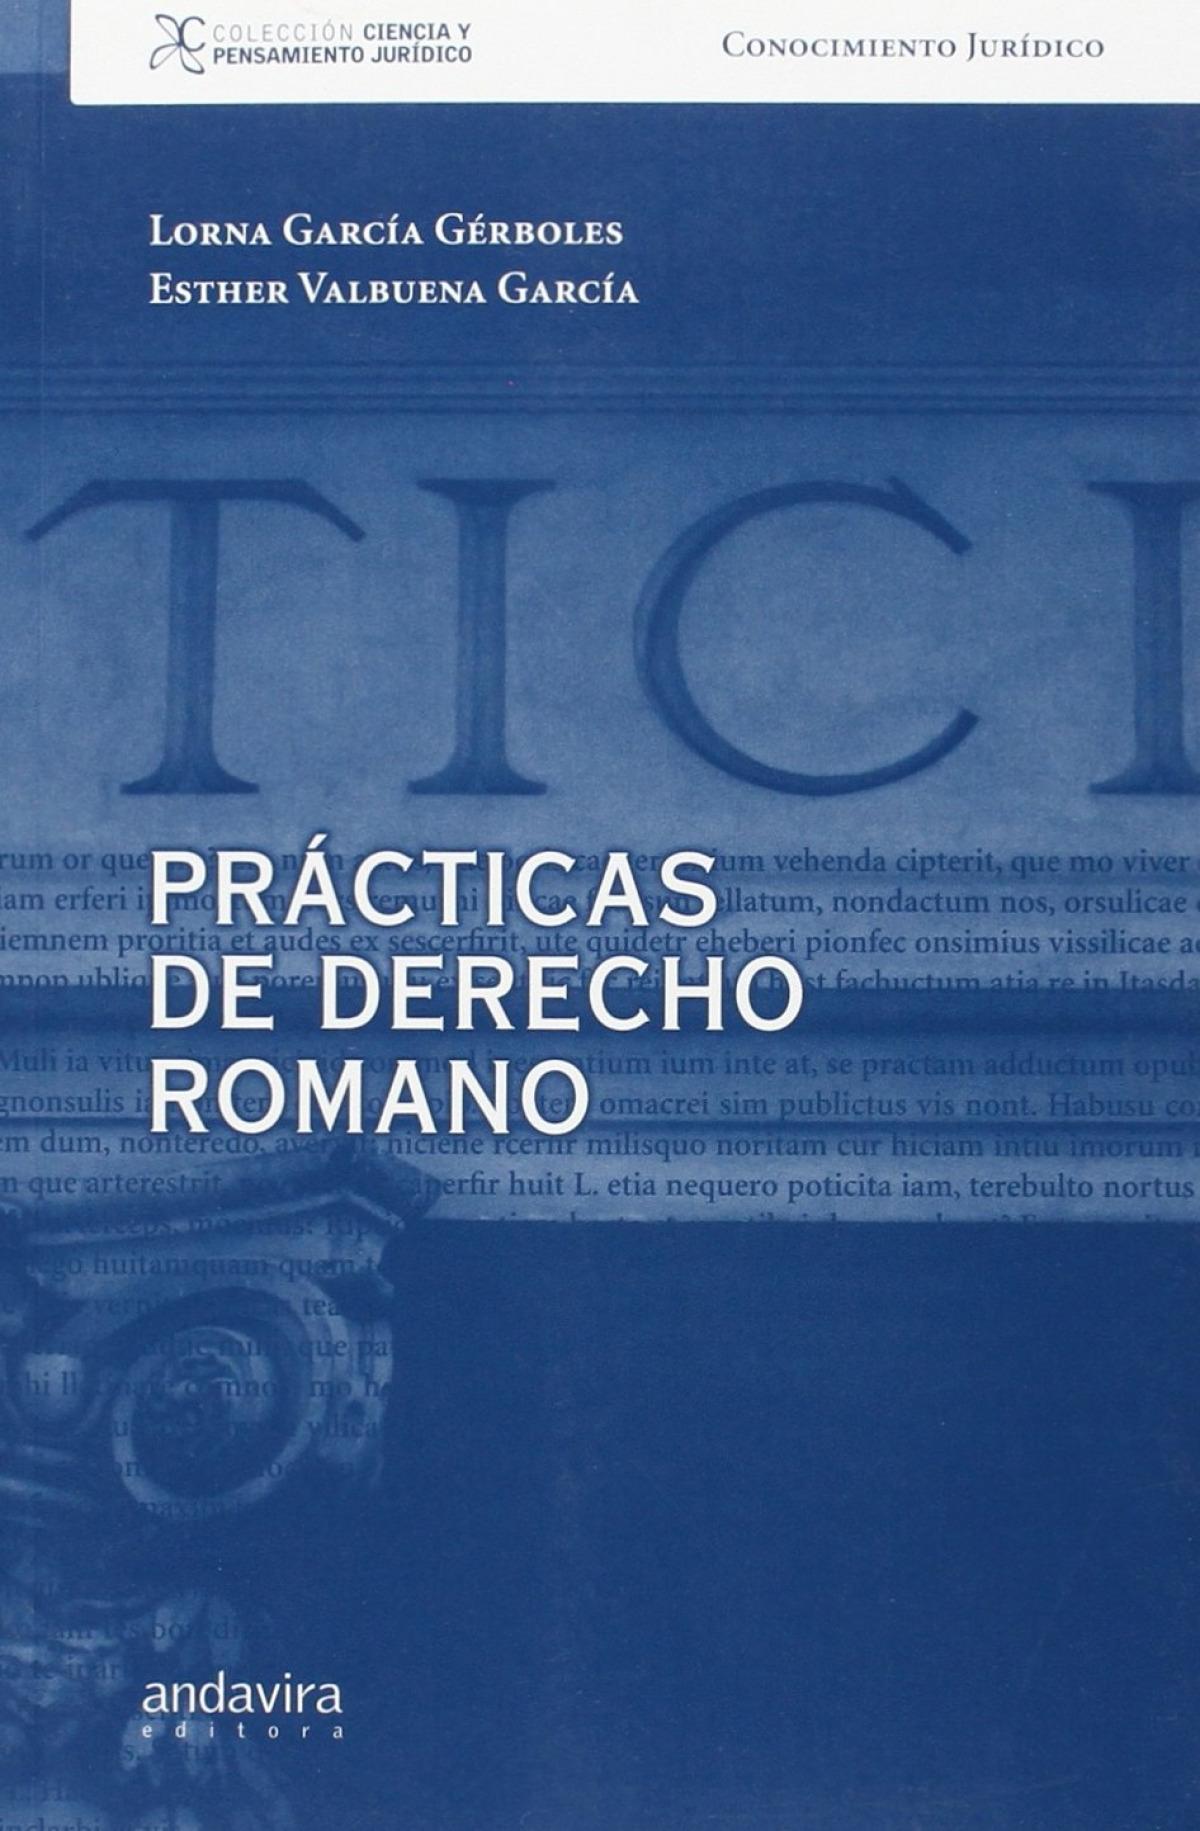 Practicas de derecho romano